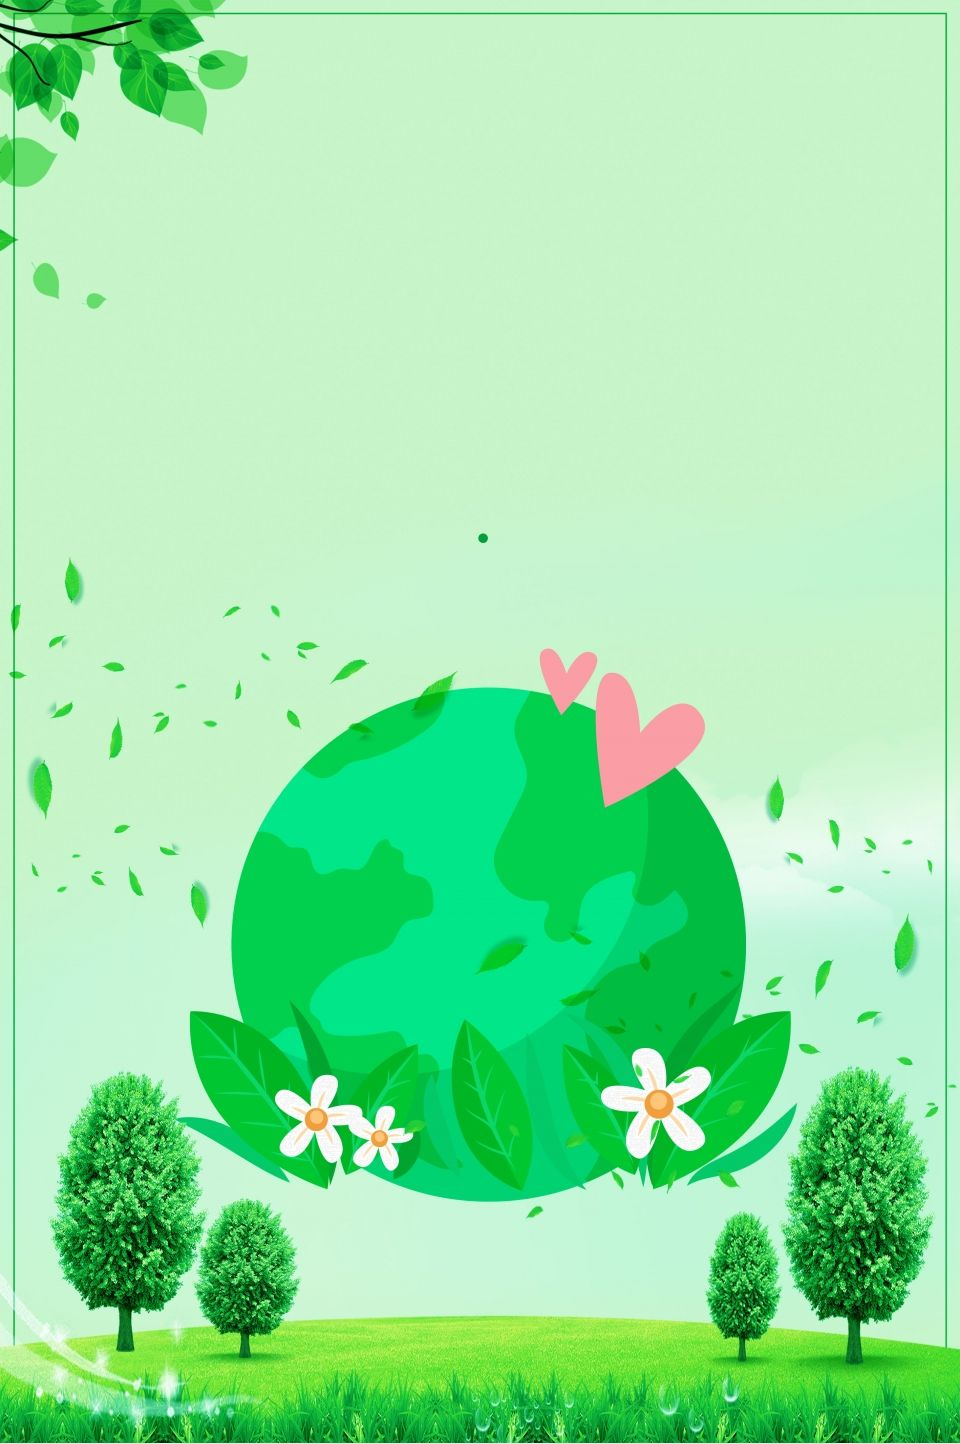 Día Mundial Del Medio Ambiente Cuidado Del Medio Ambiente Hogar Verde Proteger El Medio Ambiente